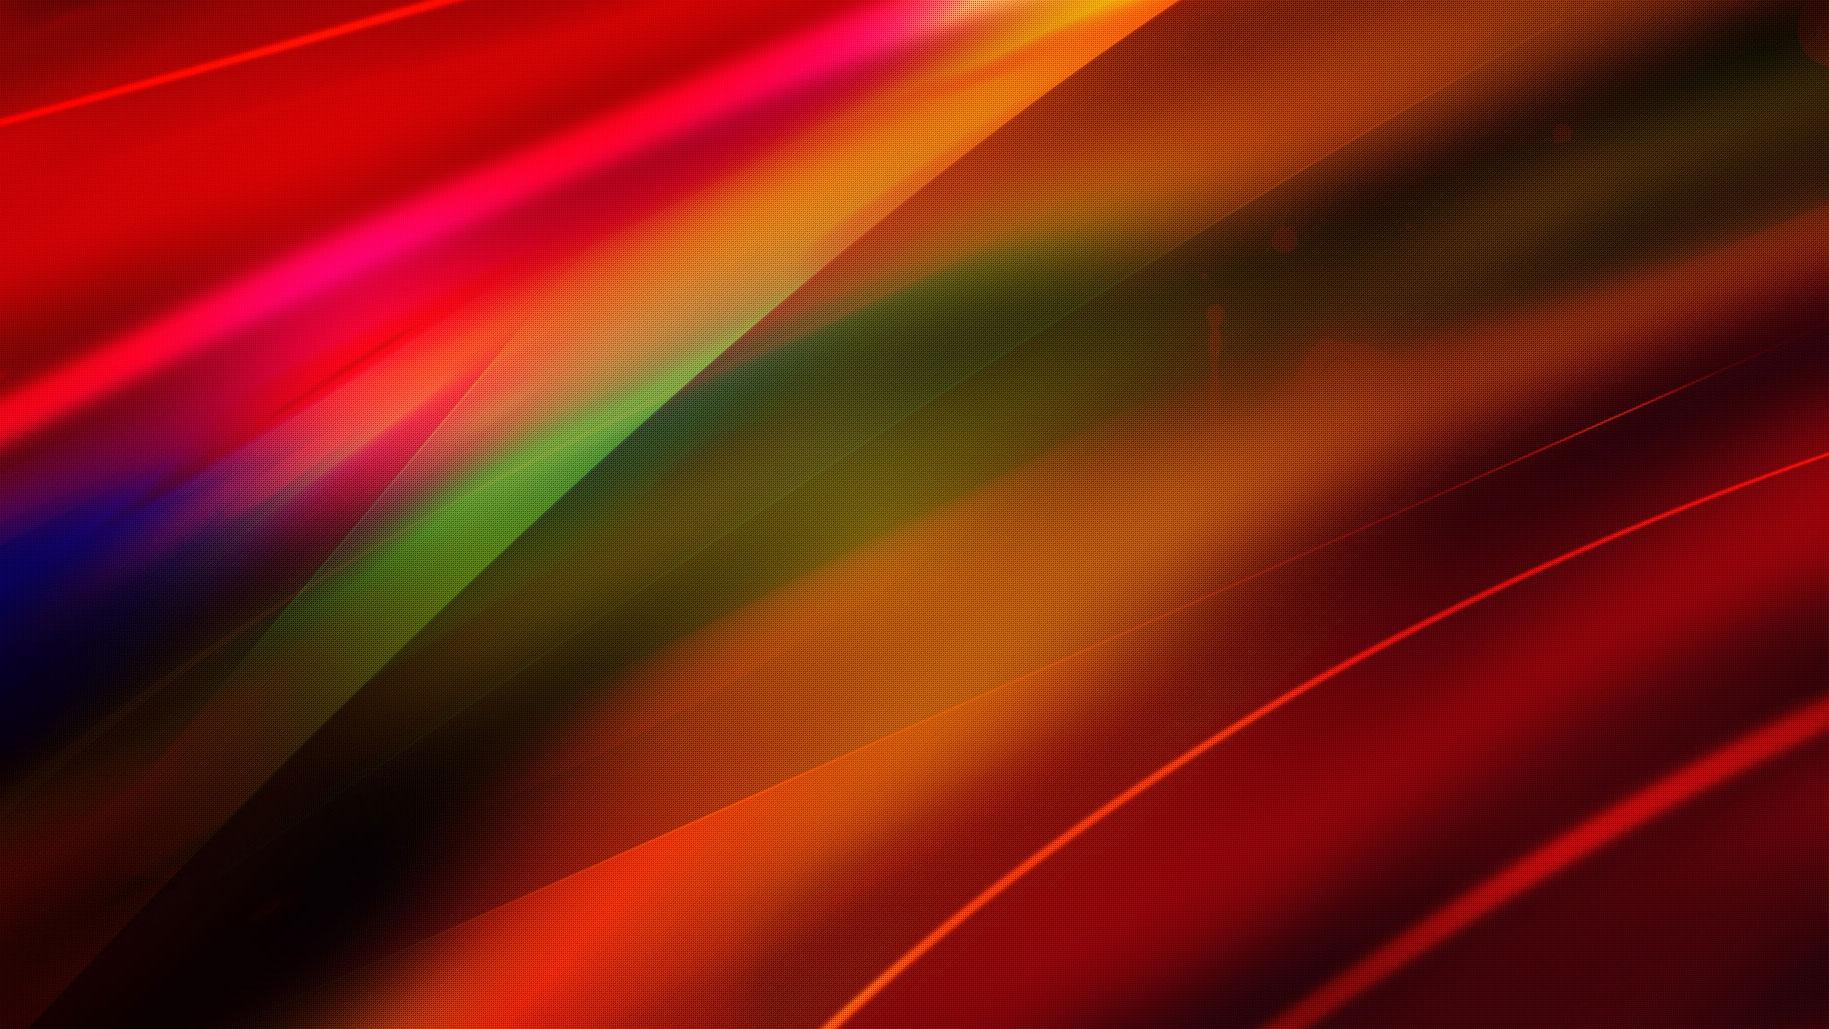 Aero Colorful Google Cover